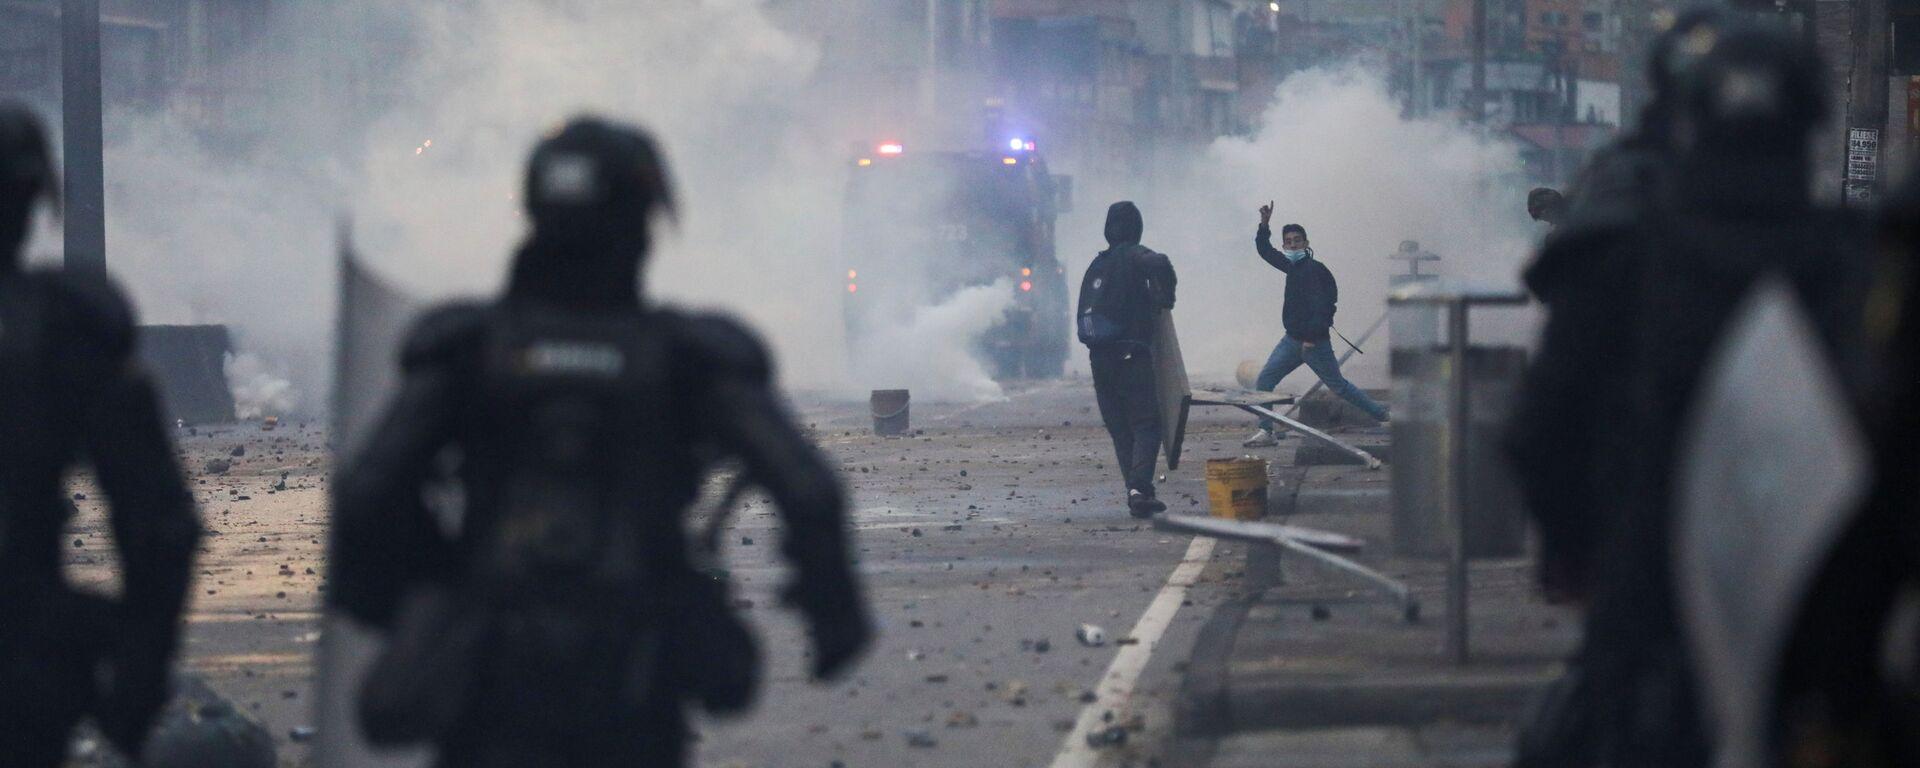 Proteste in Colombia - Sputnik Italia, 1920, 06.05.2021